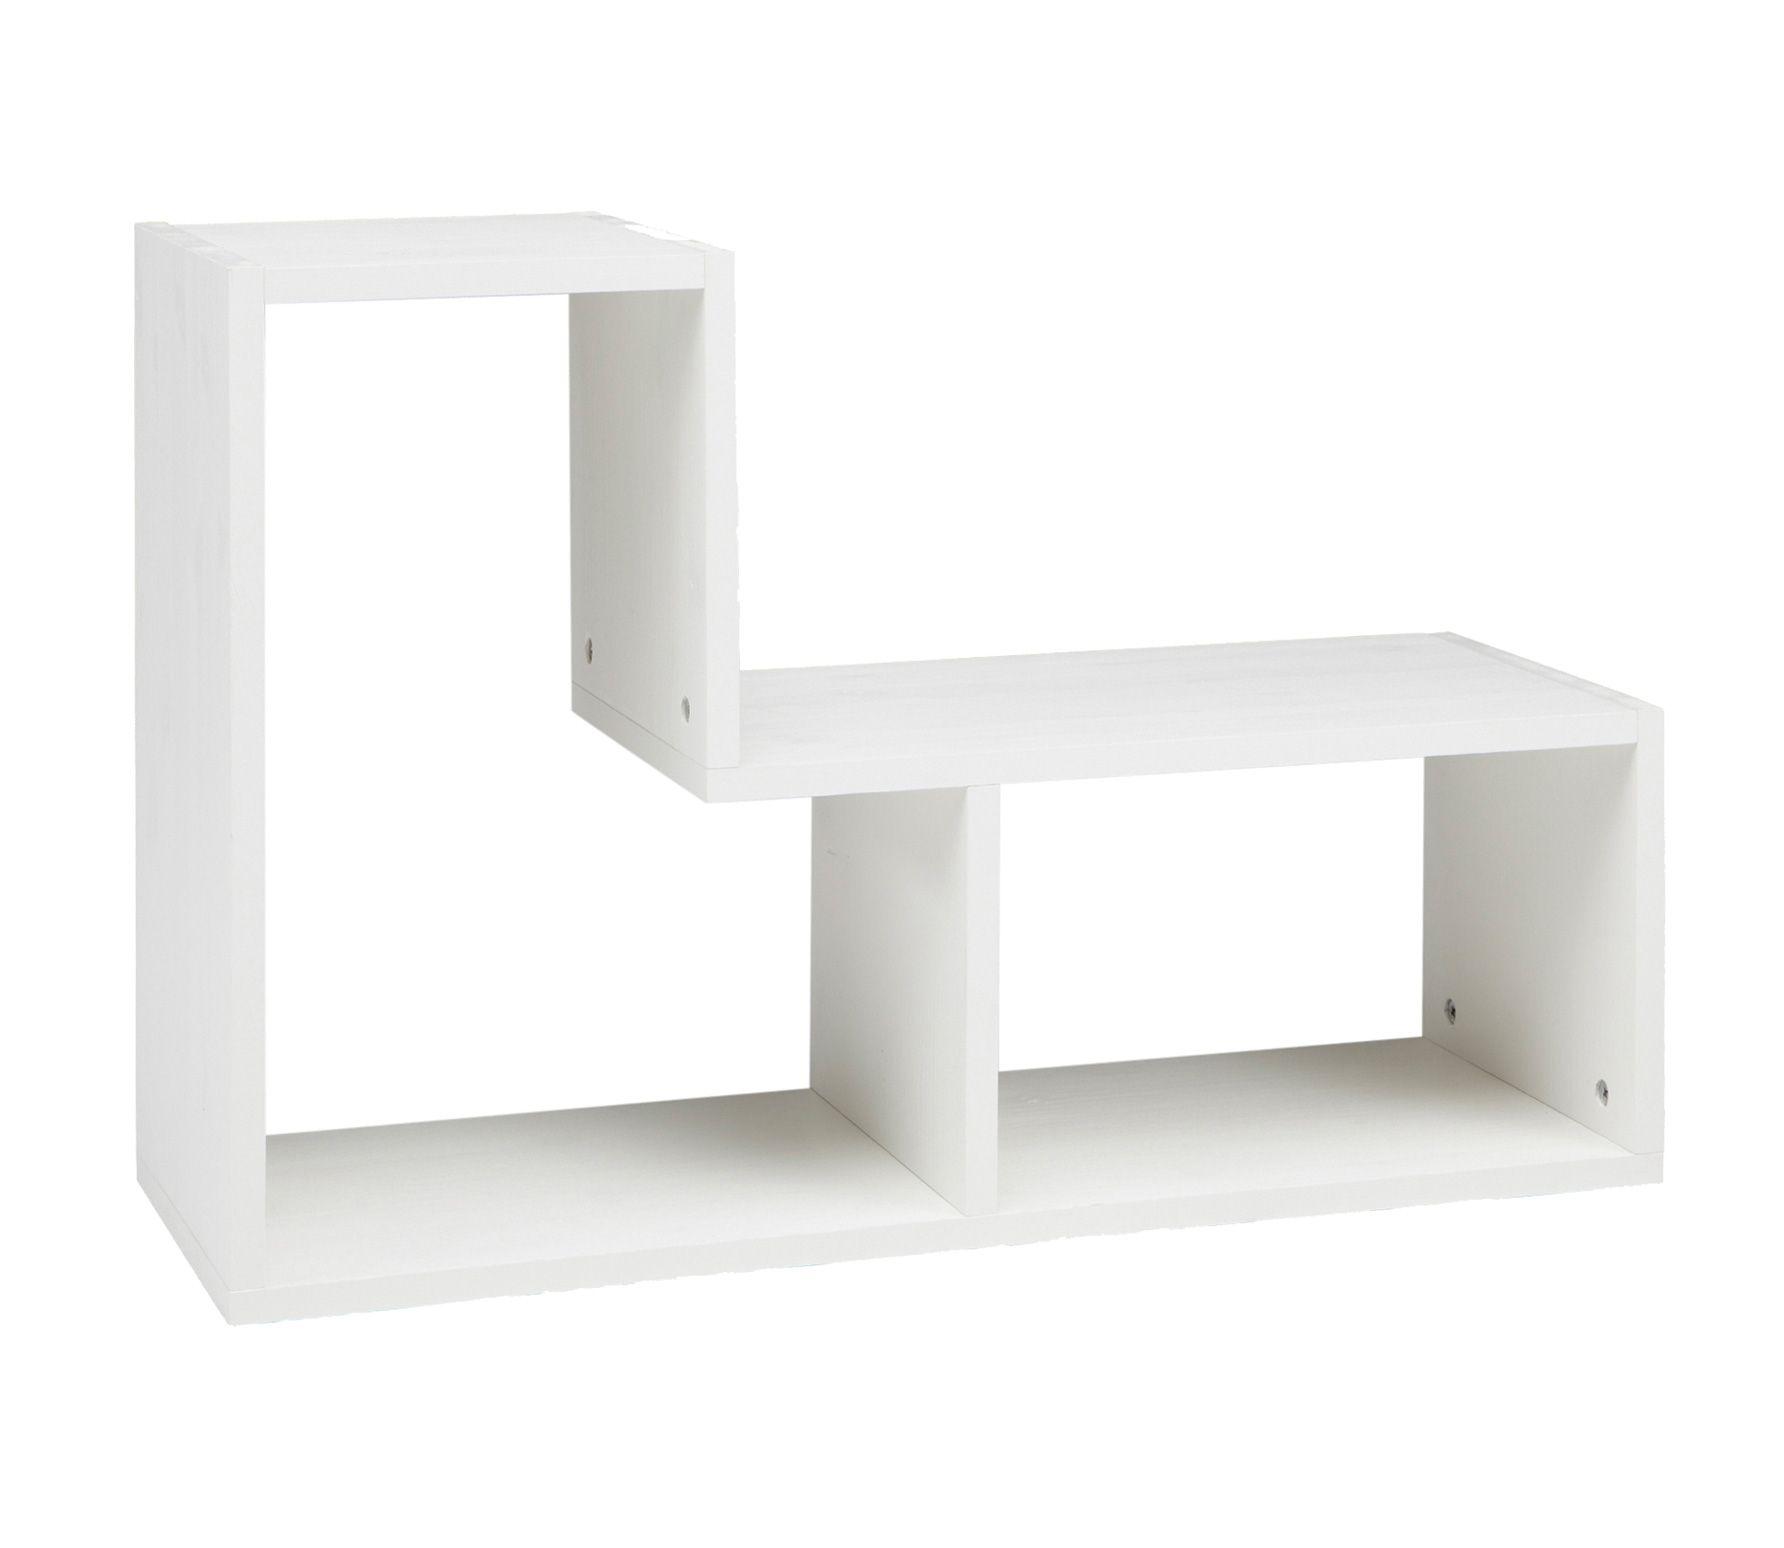 Schon Voorbeeld Van Losse Set Tbv Stapelkast Tetris Geborsteld Wit Grenen WOOOD  49,95 Via Bijv